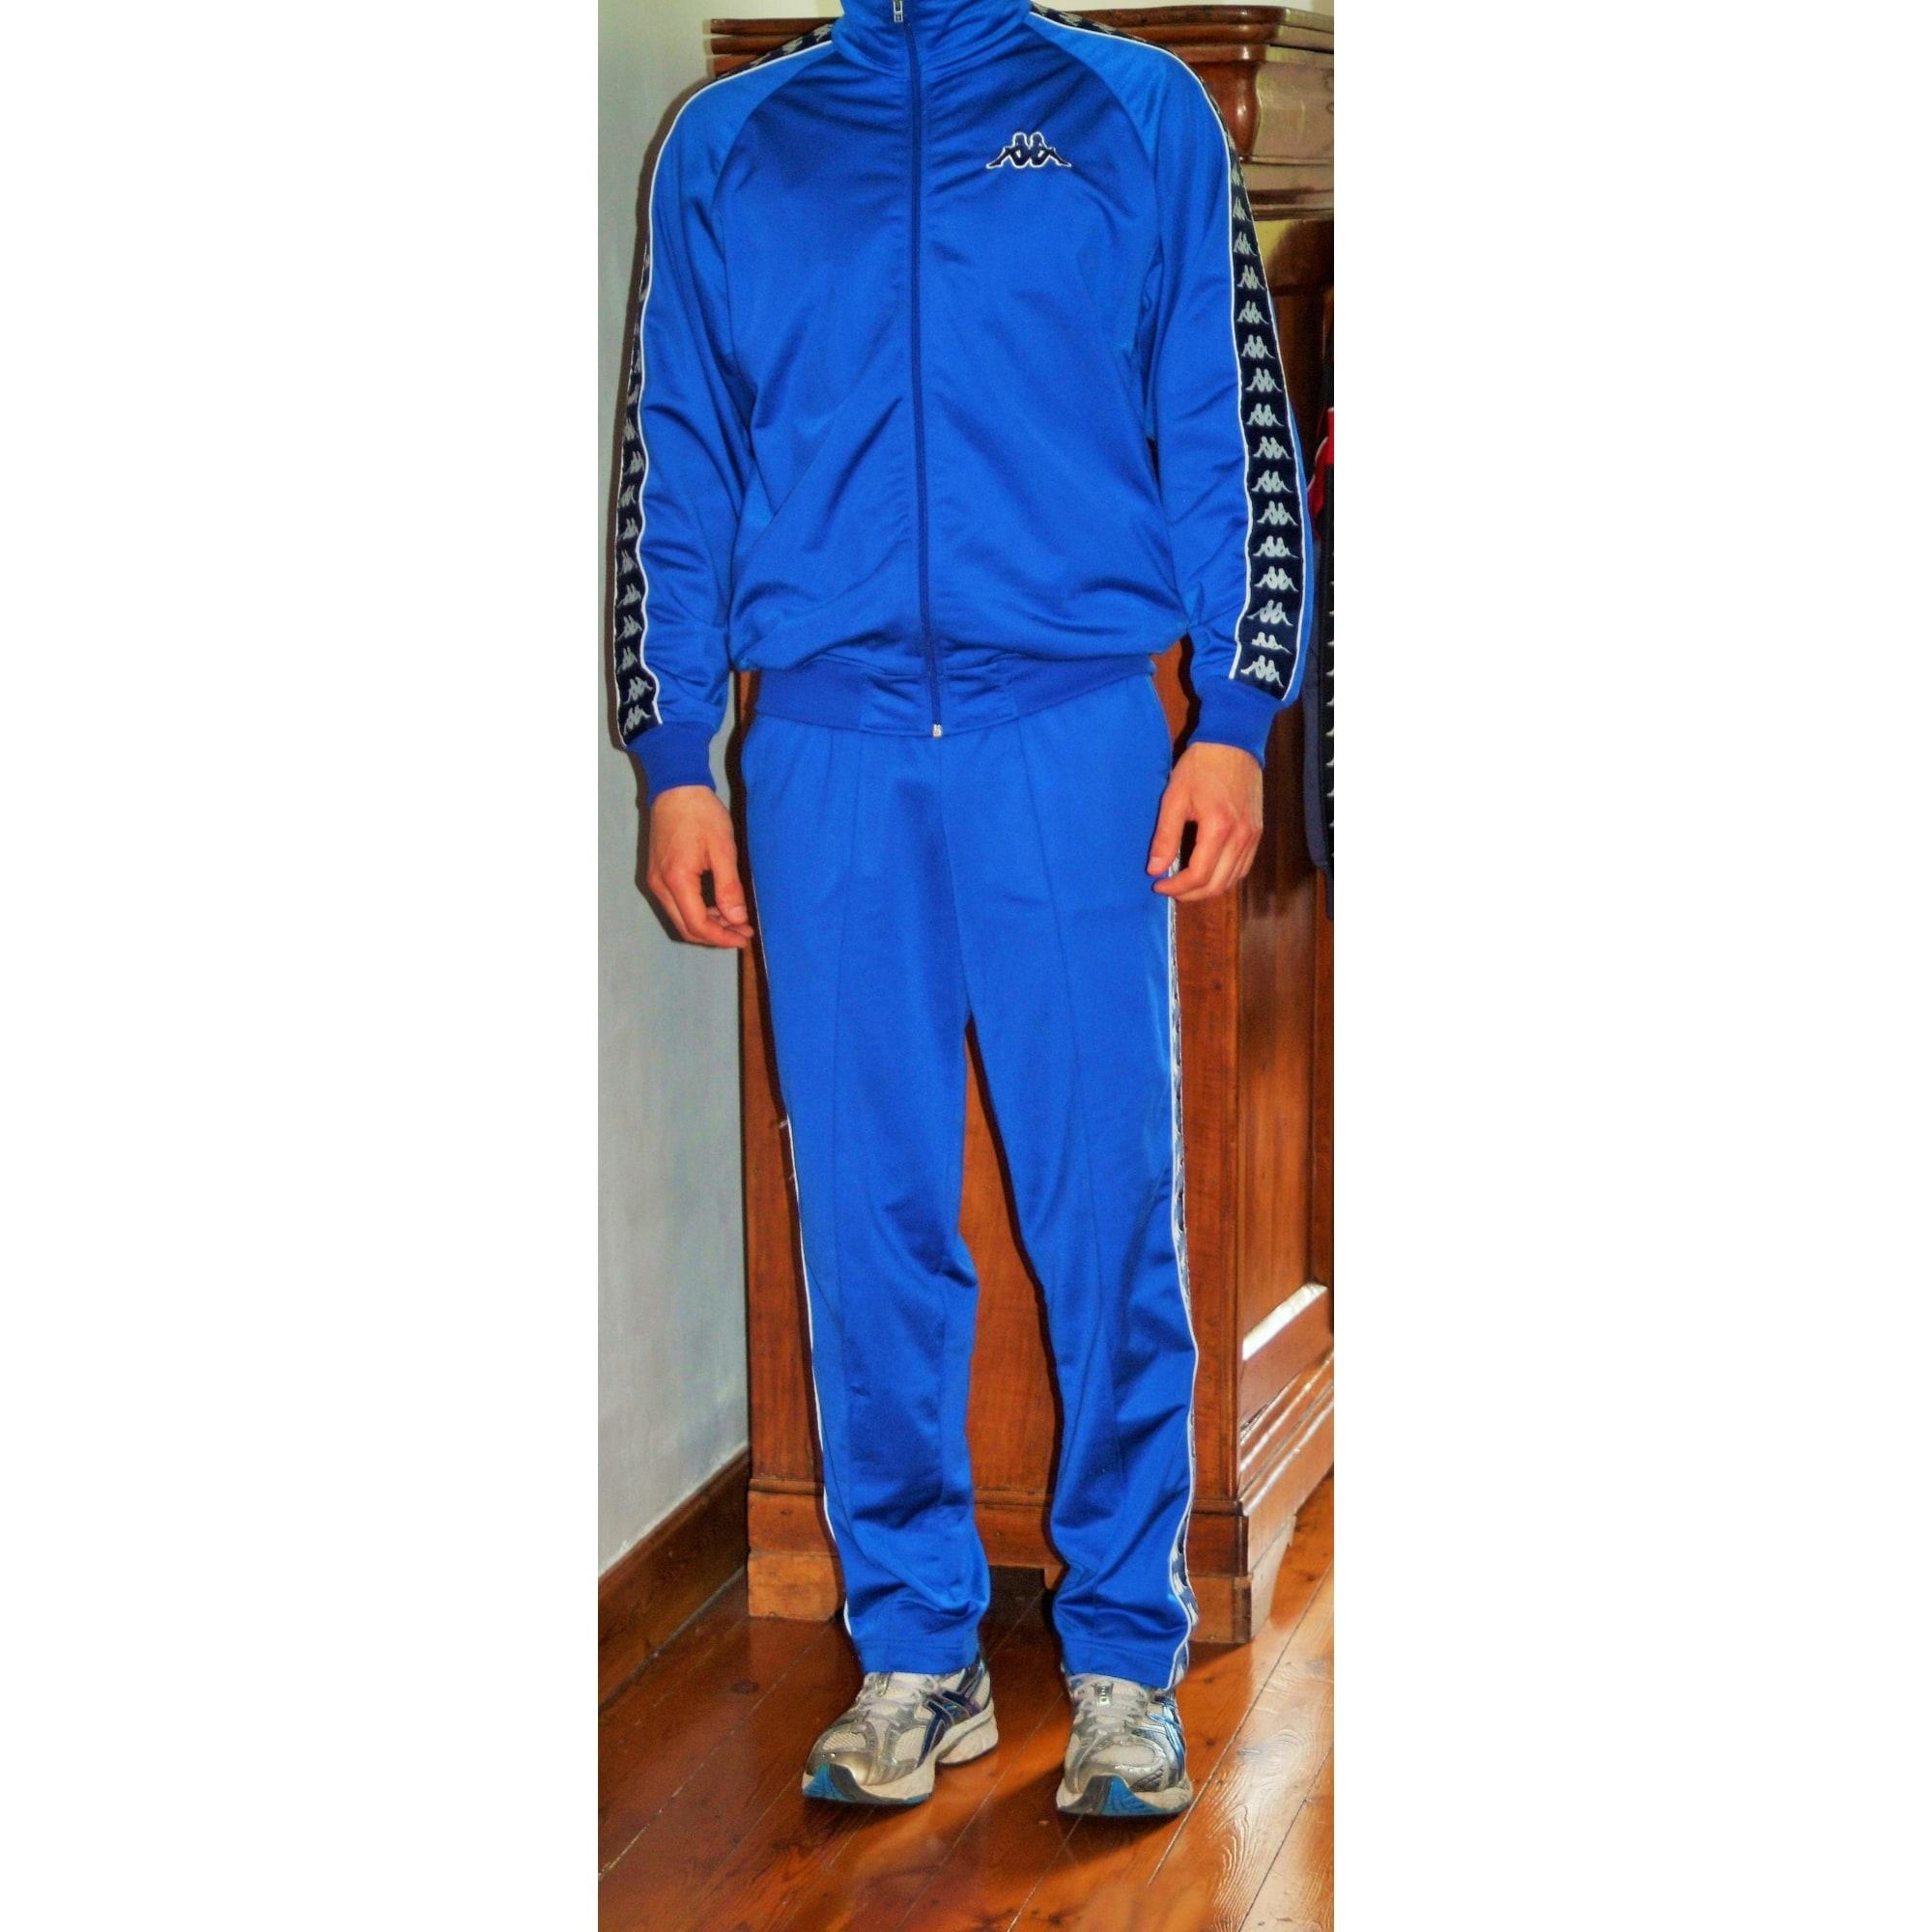 33867087e719e Ensemble jogging KAPPA 50 (M) bleu - 2478993